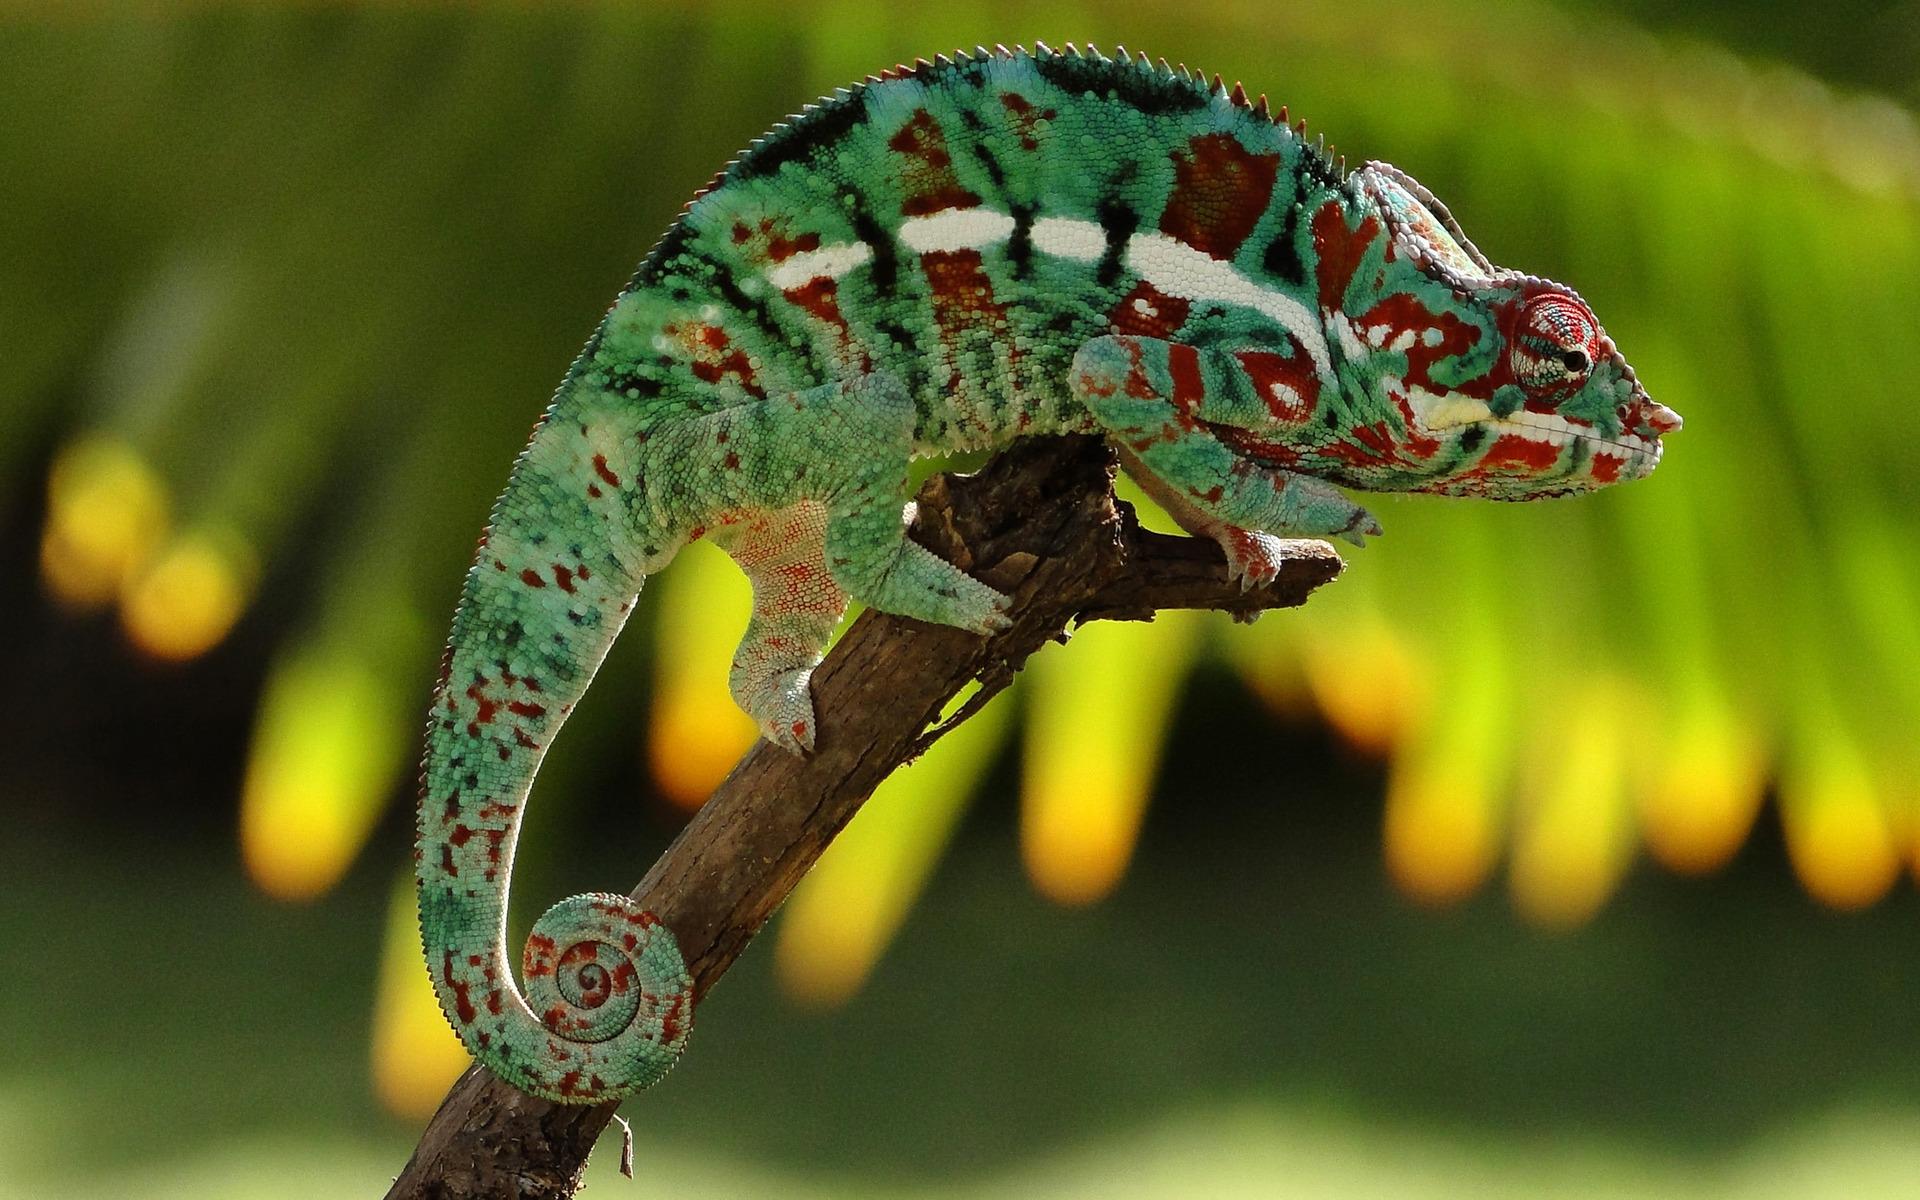 chameleon wallpaper hd